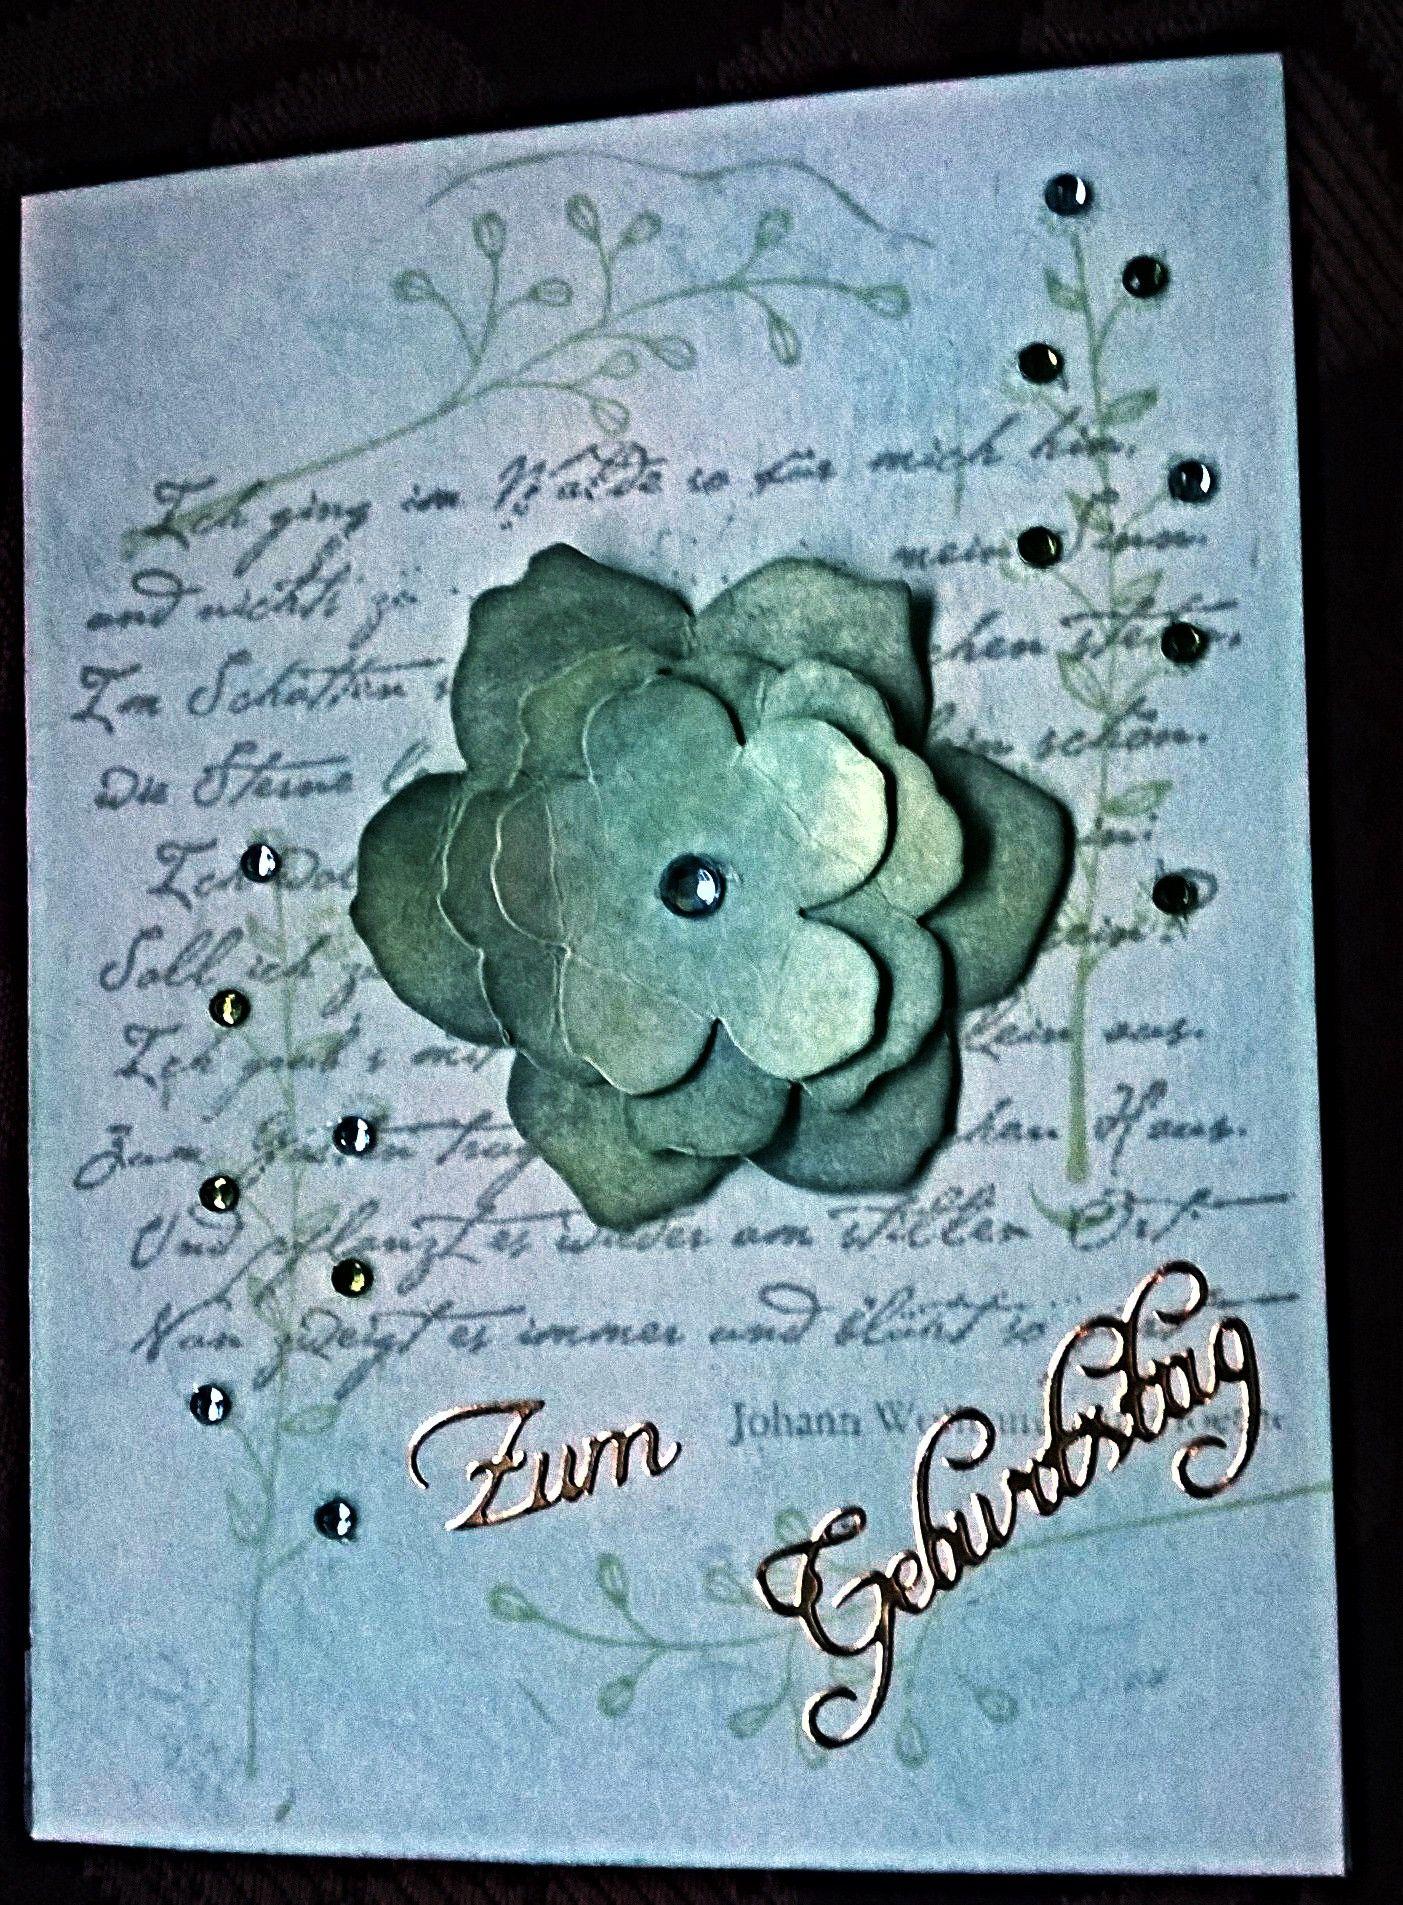 Mit Liebe gemacht von Petra Heinrich. Geburtstagskarte / Birthday card. Die Stanzen und Pflanzen-Stempel sind von Stampin up, der Schriftstempel ist von Heindesign.